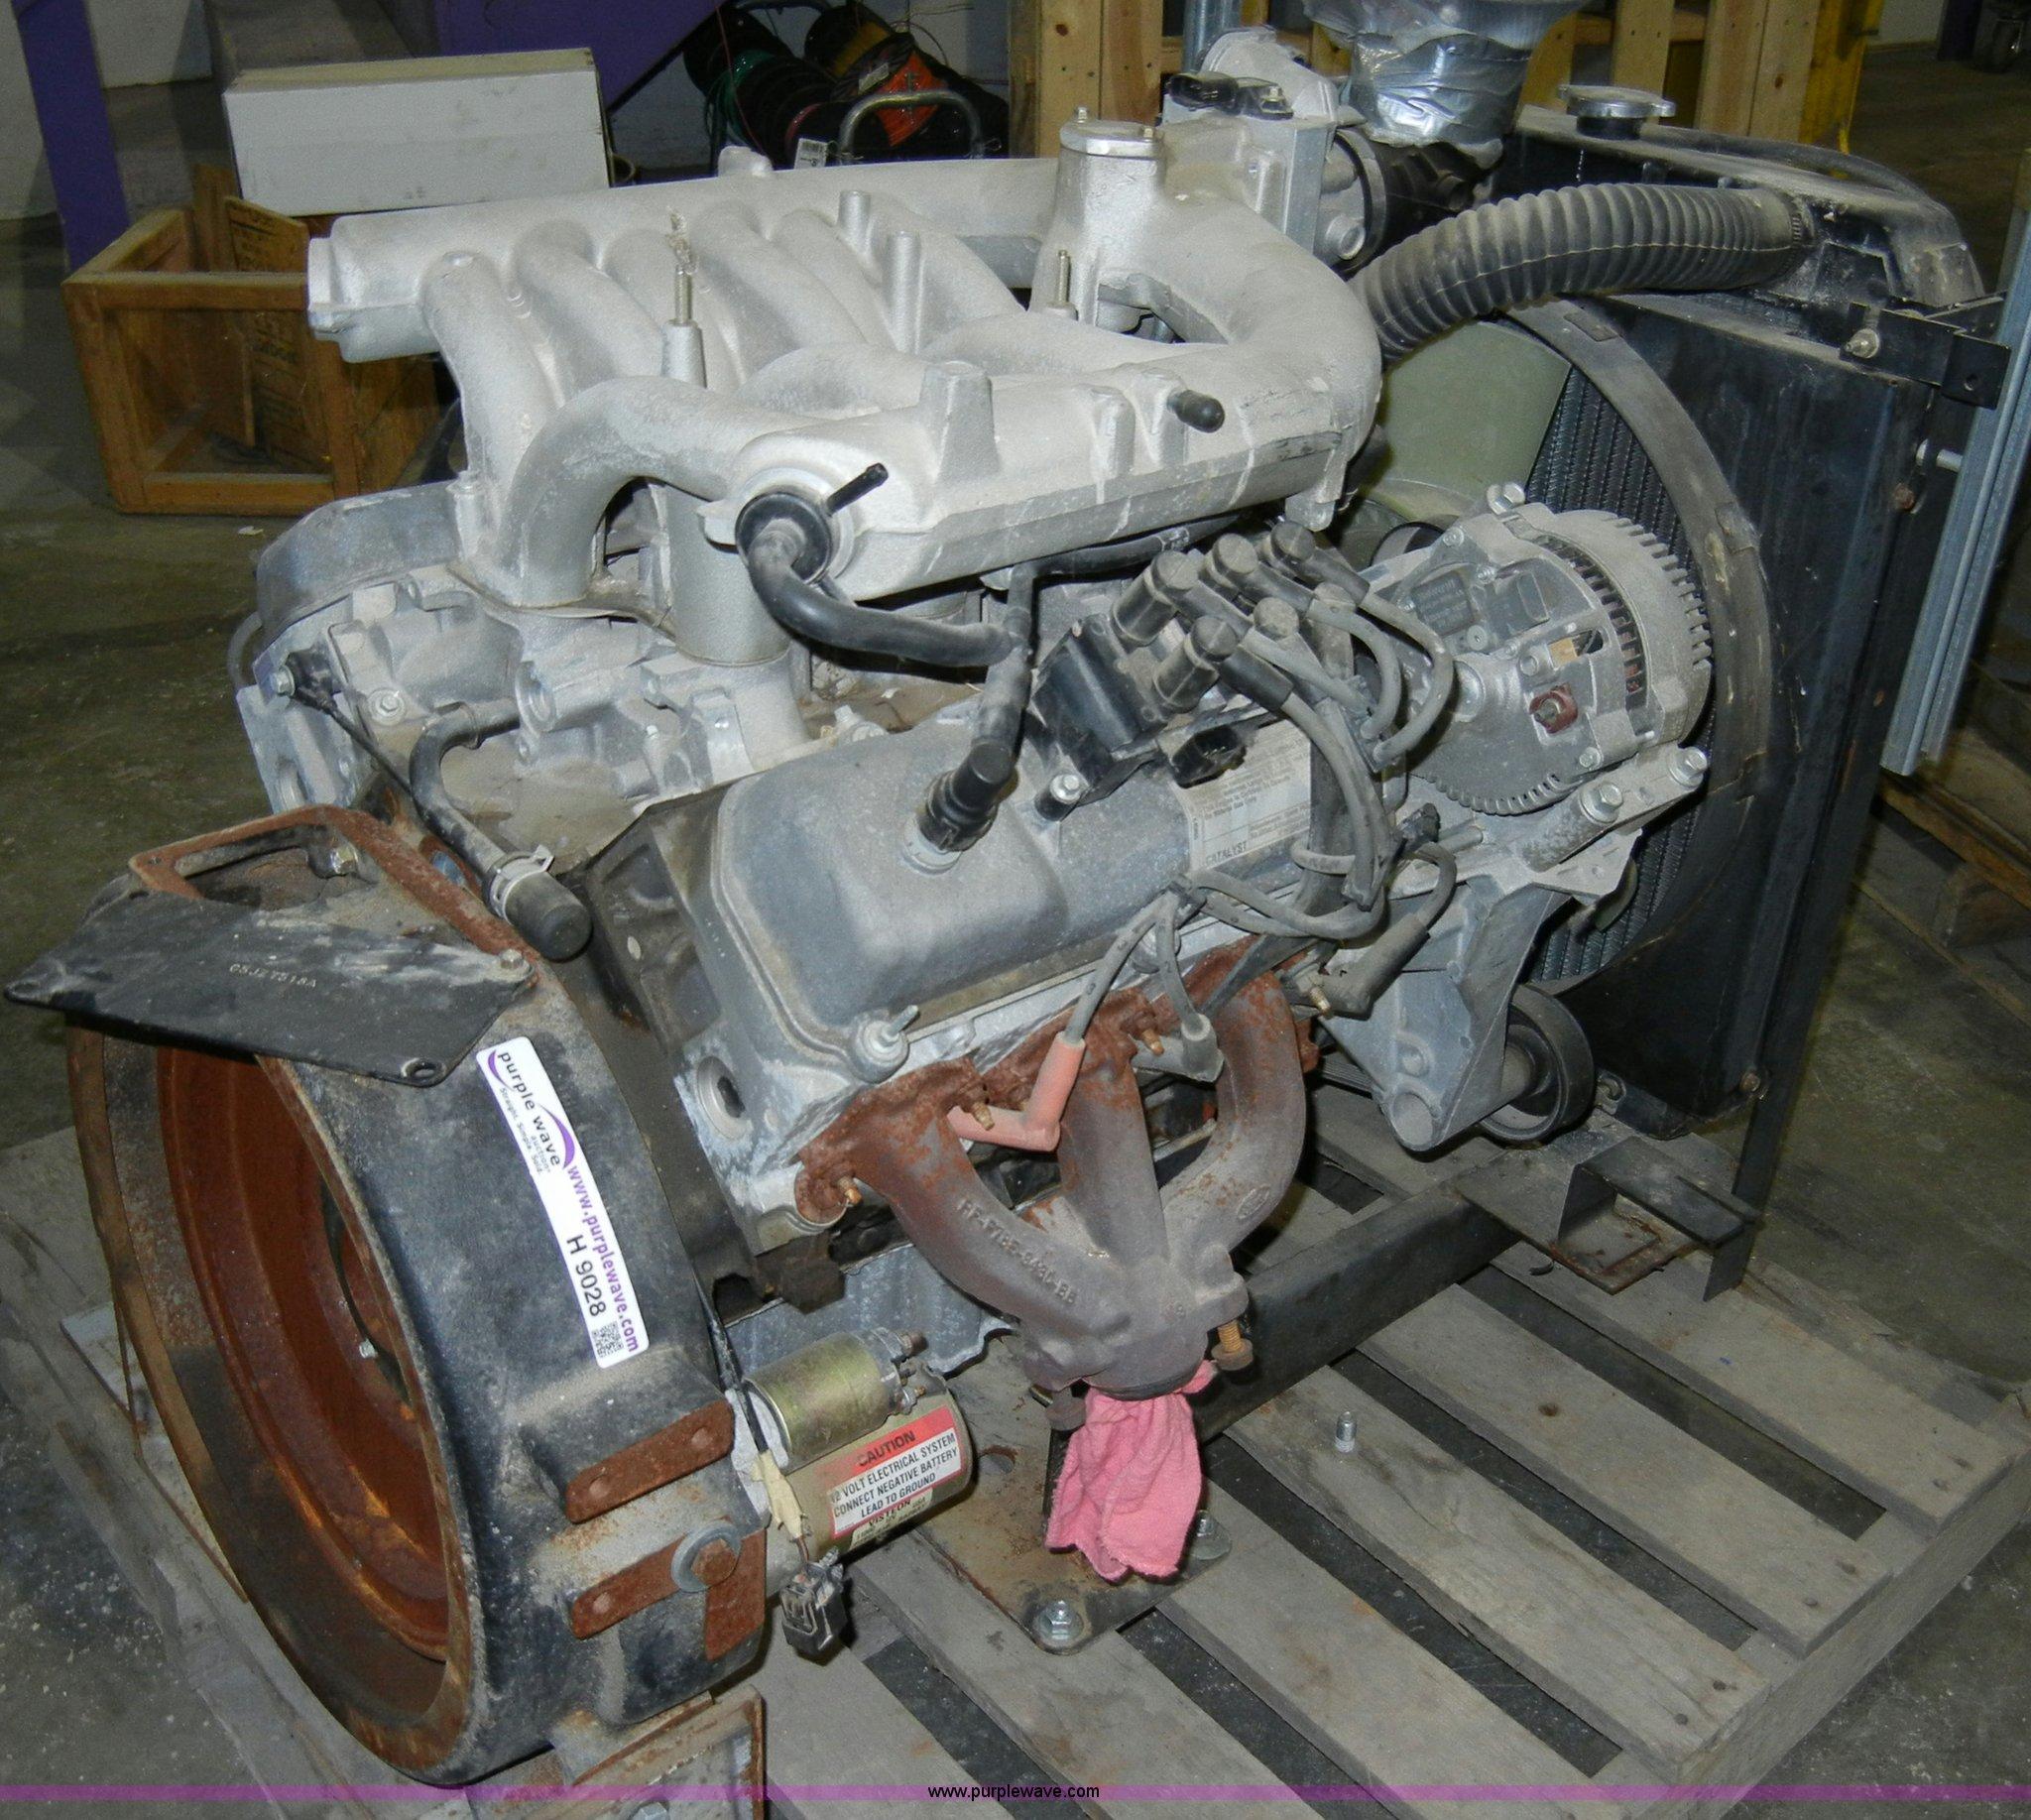 ford 4 2l v6 engine item h9028 sold! december 6 governme on Ford 1997 4.2